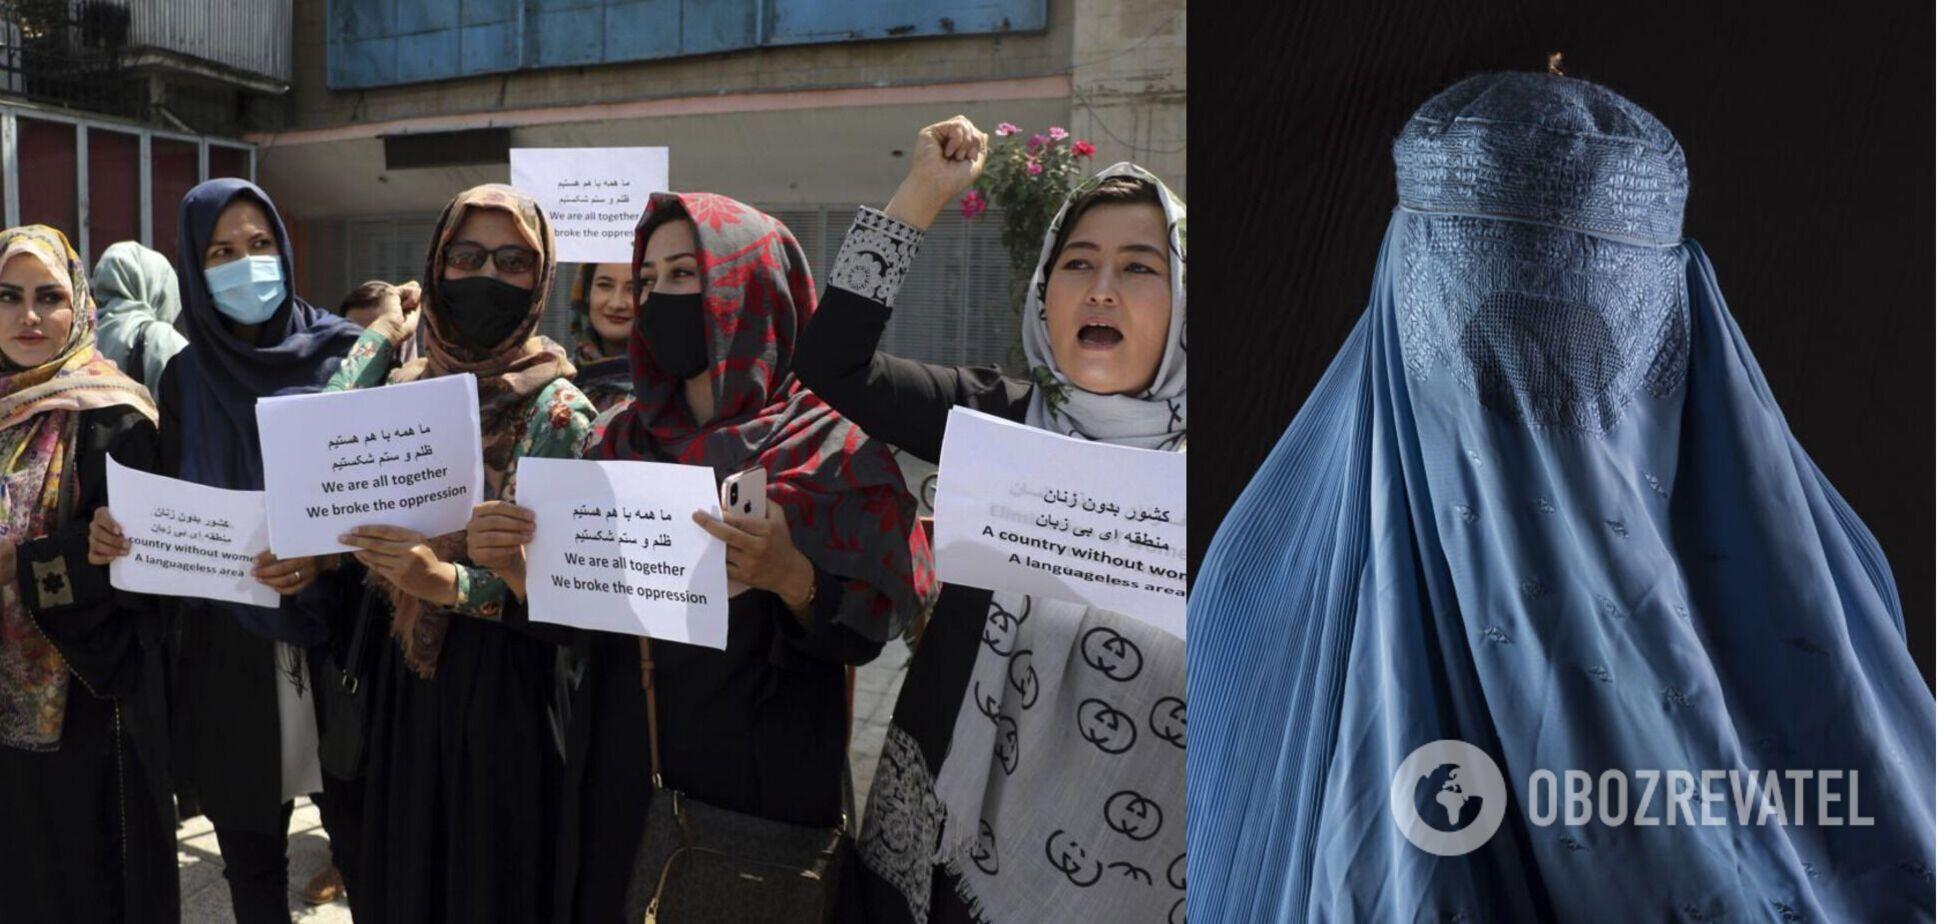 В Афганистане женщины вышли на протест за свои права: талибы разогнали их газом. Видео